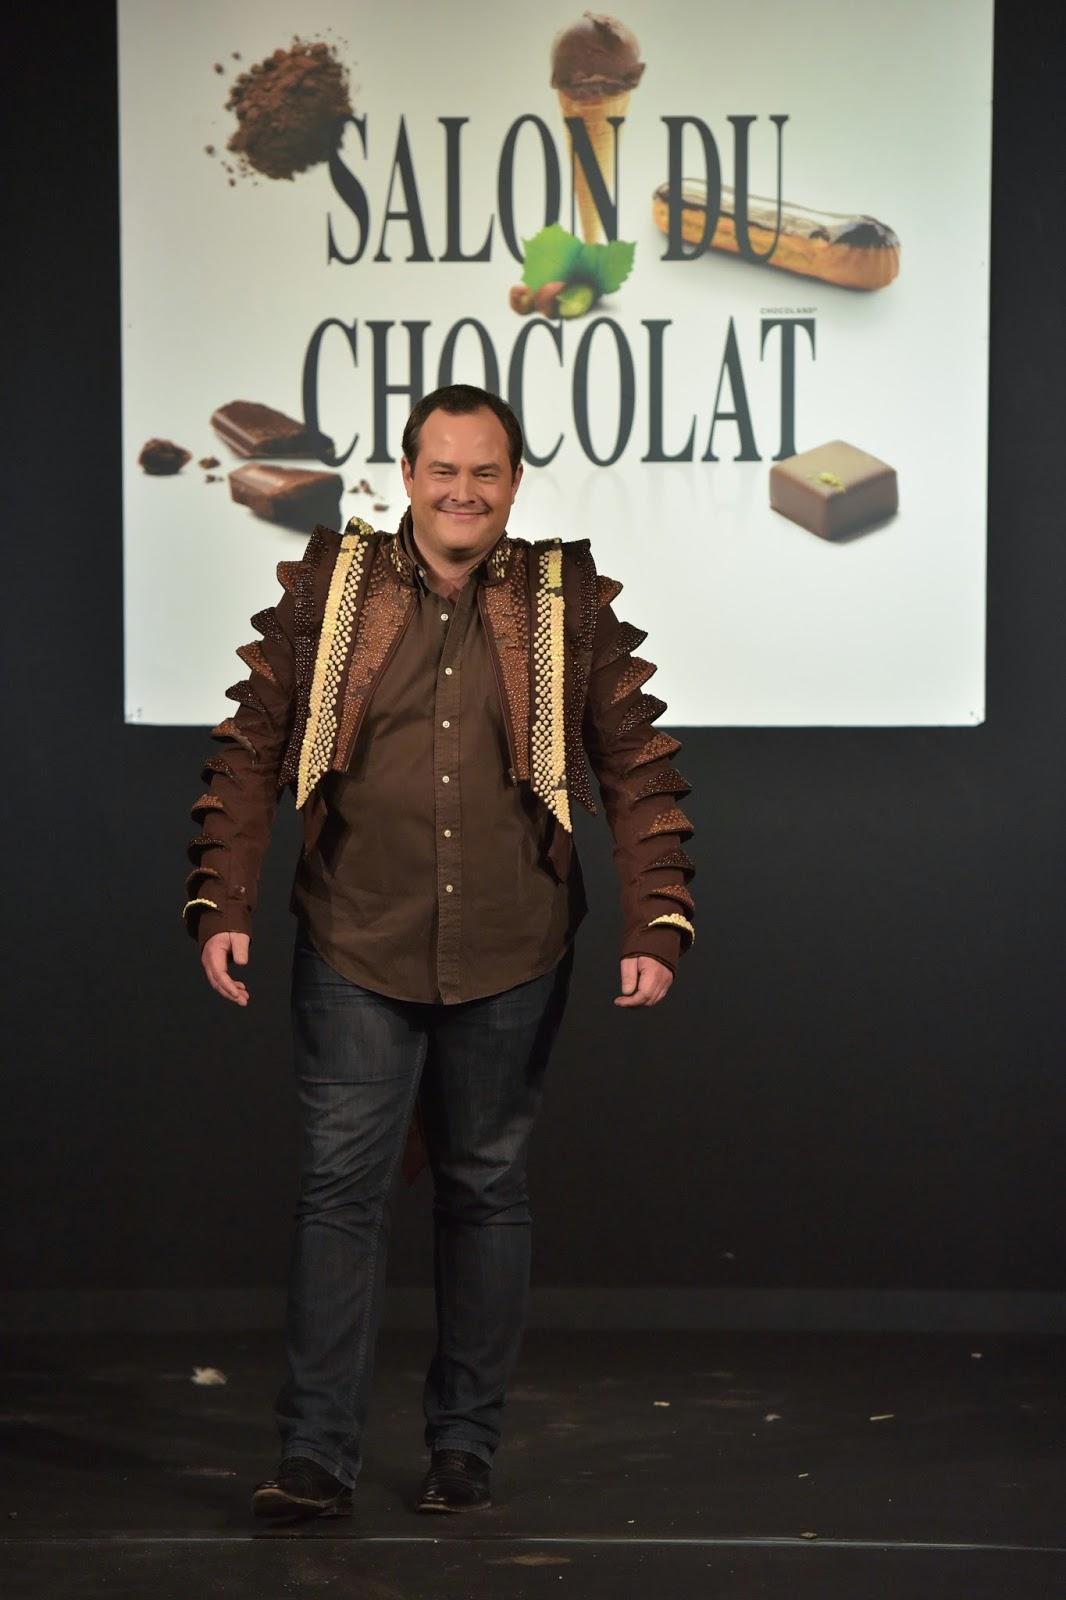 Veste chocolat salon du chocolat Bruxelles